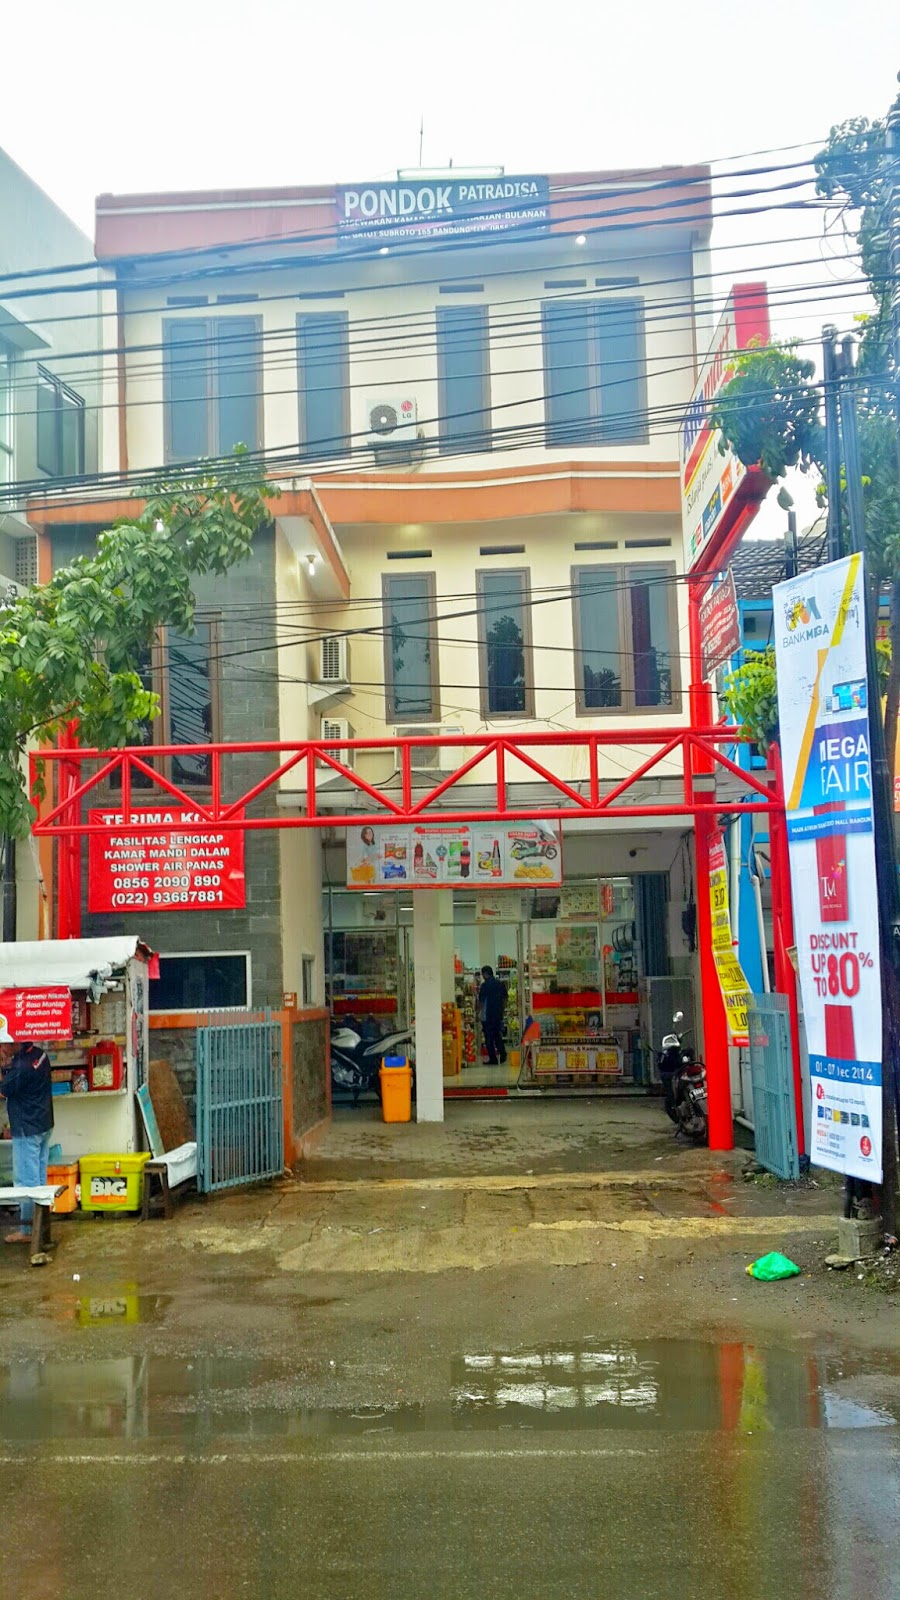 Lokasi Strategis Hotel Murah Pondok Patradisa Bersih Dengan Fasilitas Baik Berpusat Di Kota Bandung Dan Tidak Jauh Dari Trans Studio